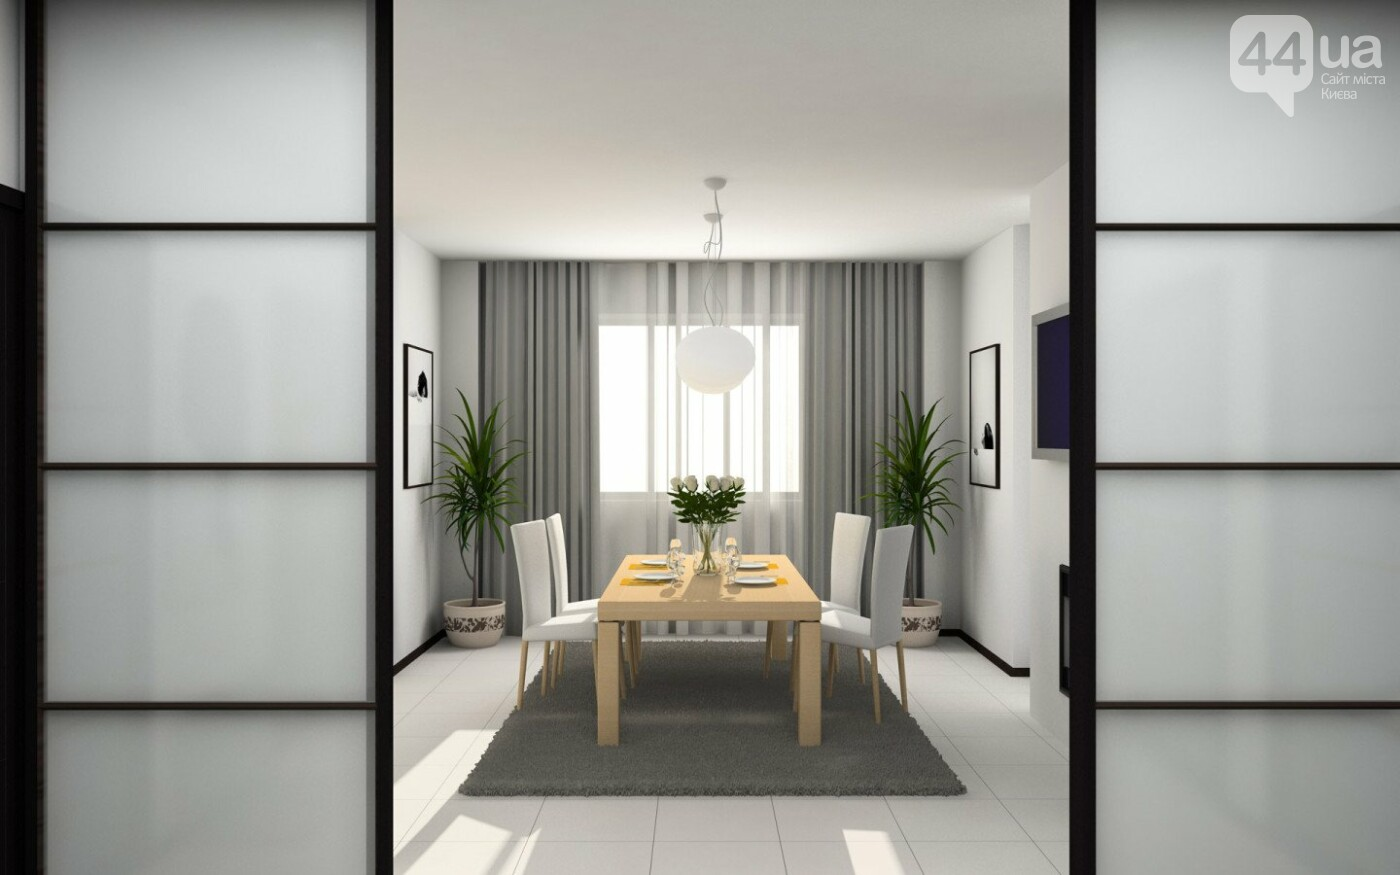 Квартира-студия: дверям быть или не быть?, фото-2